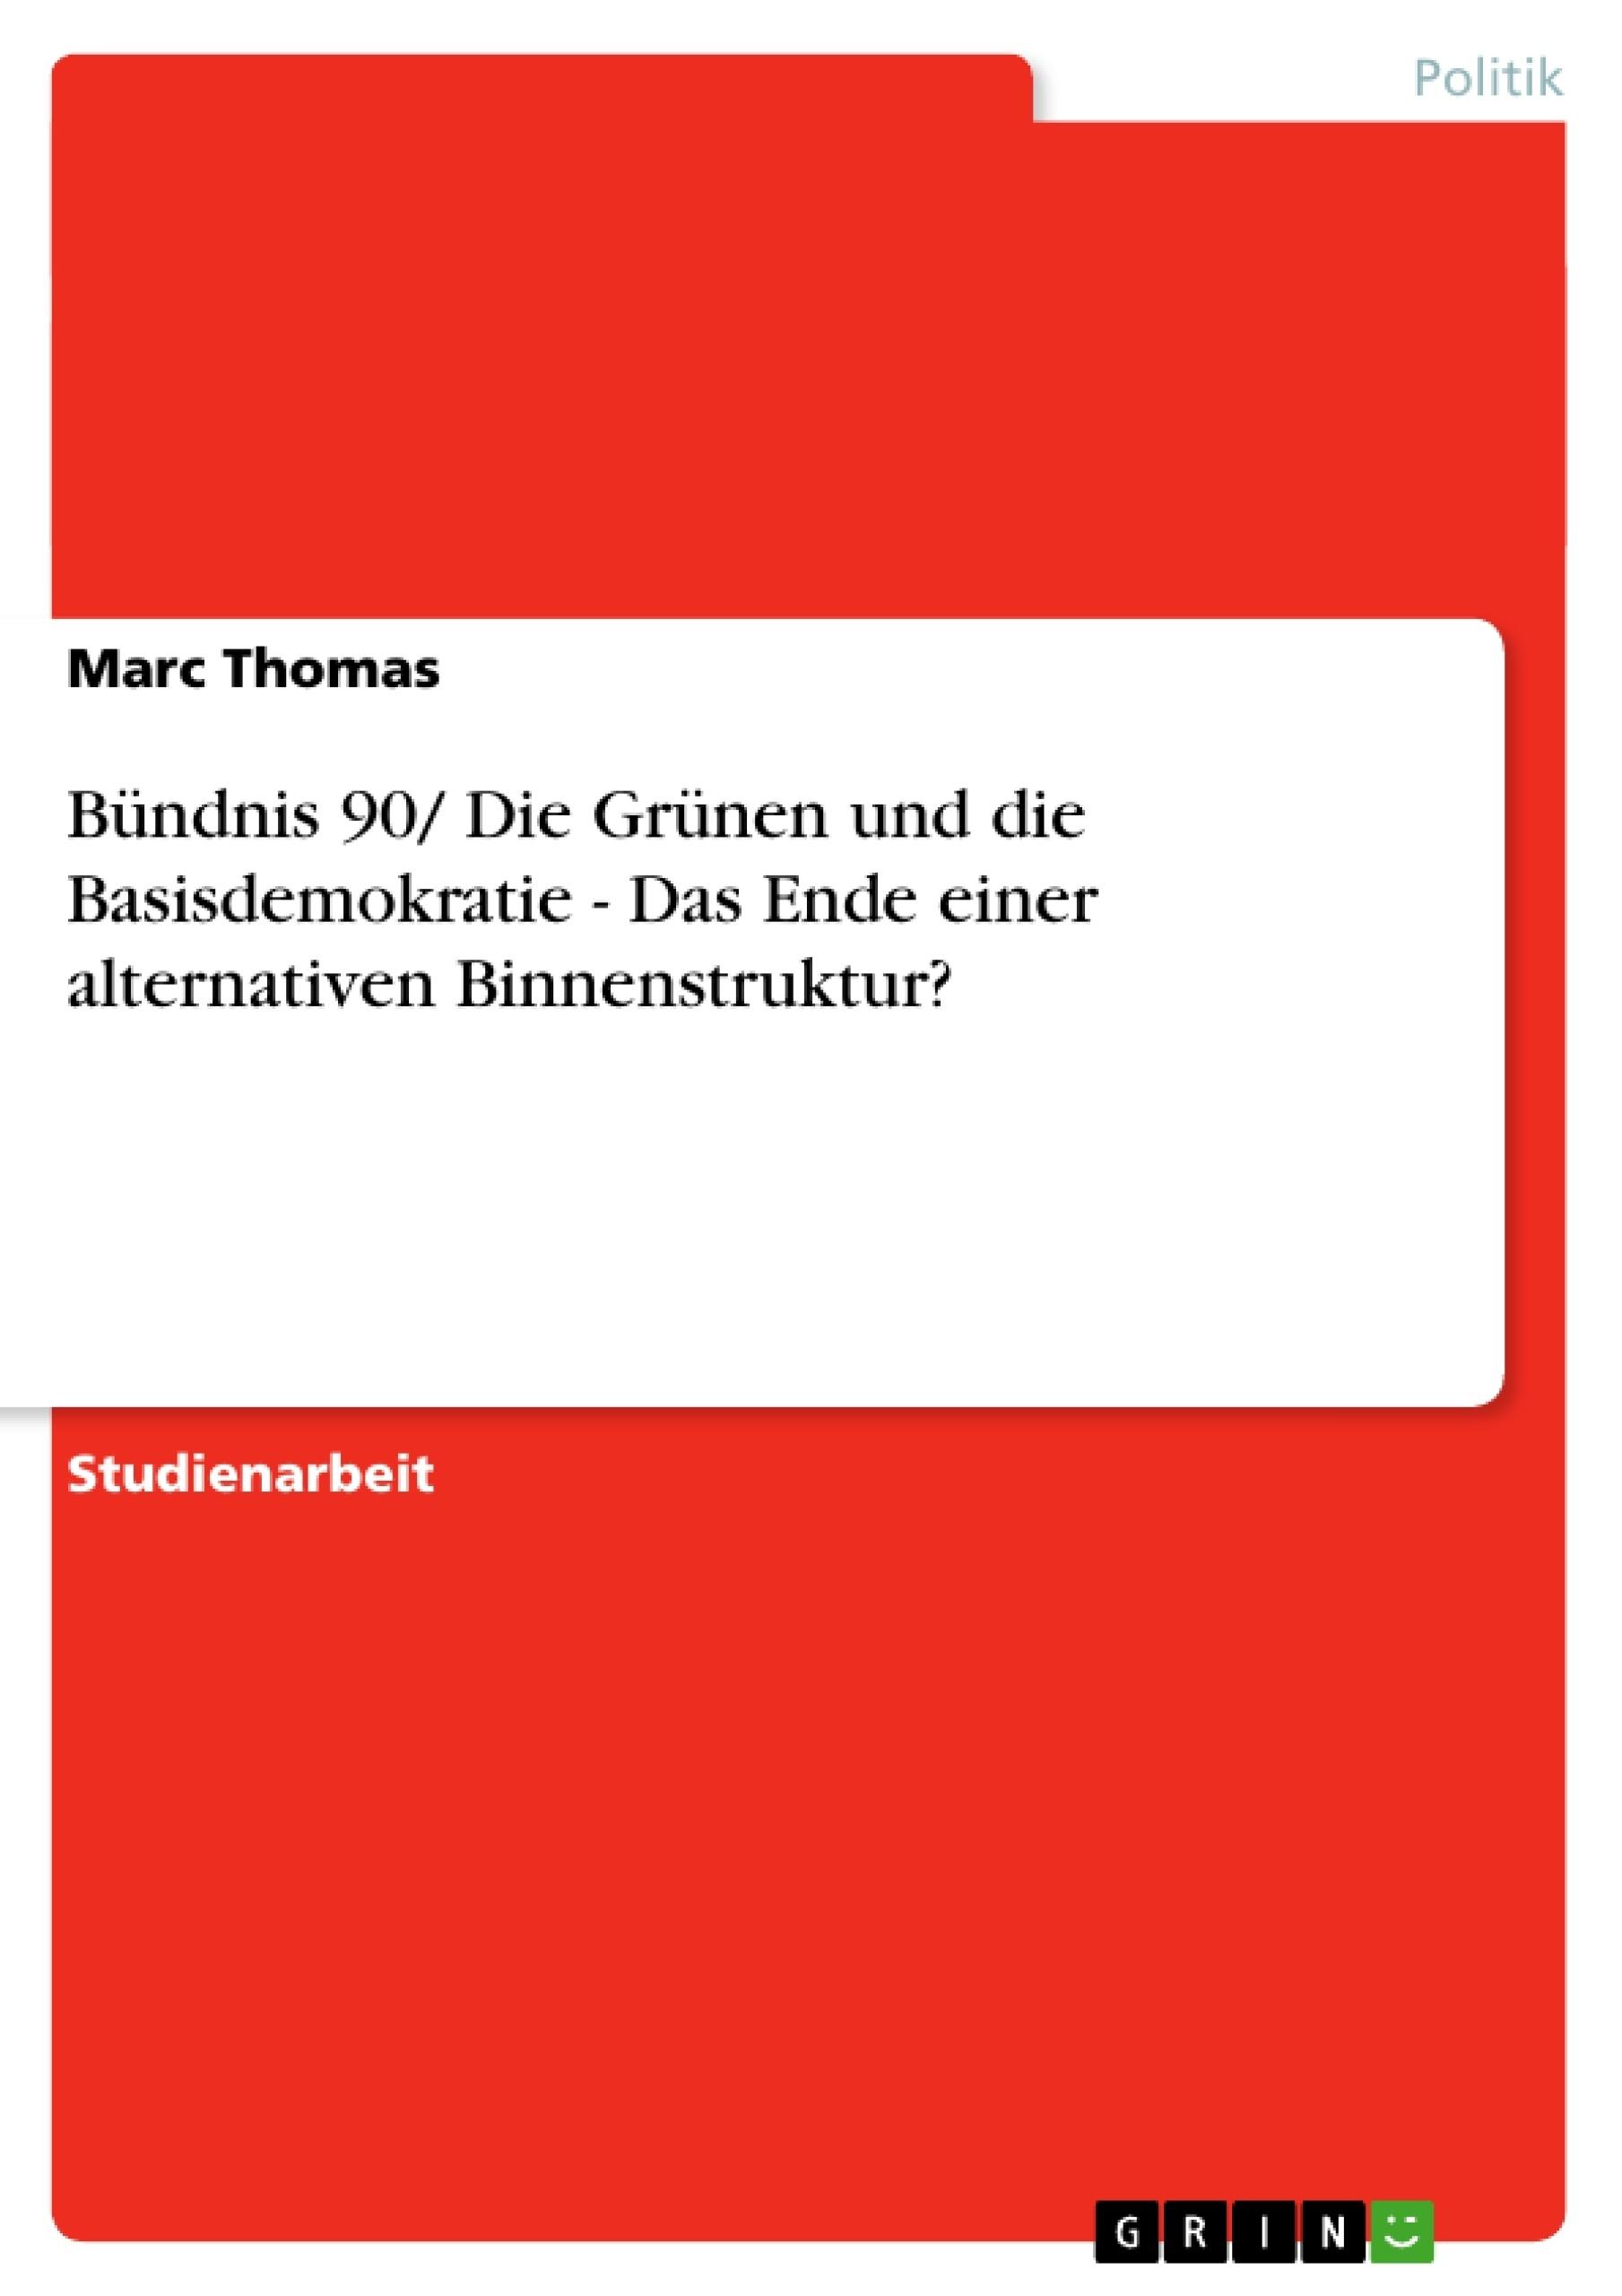 Titel: Bündnis 90/ Die Grünen und die Basisdemokratie - Das Ende einer alternativen Binnenstruktur?